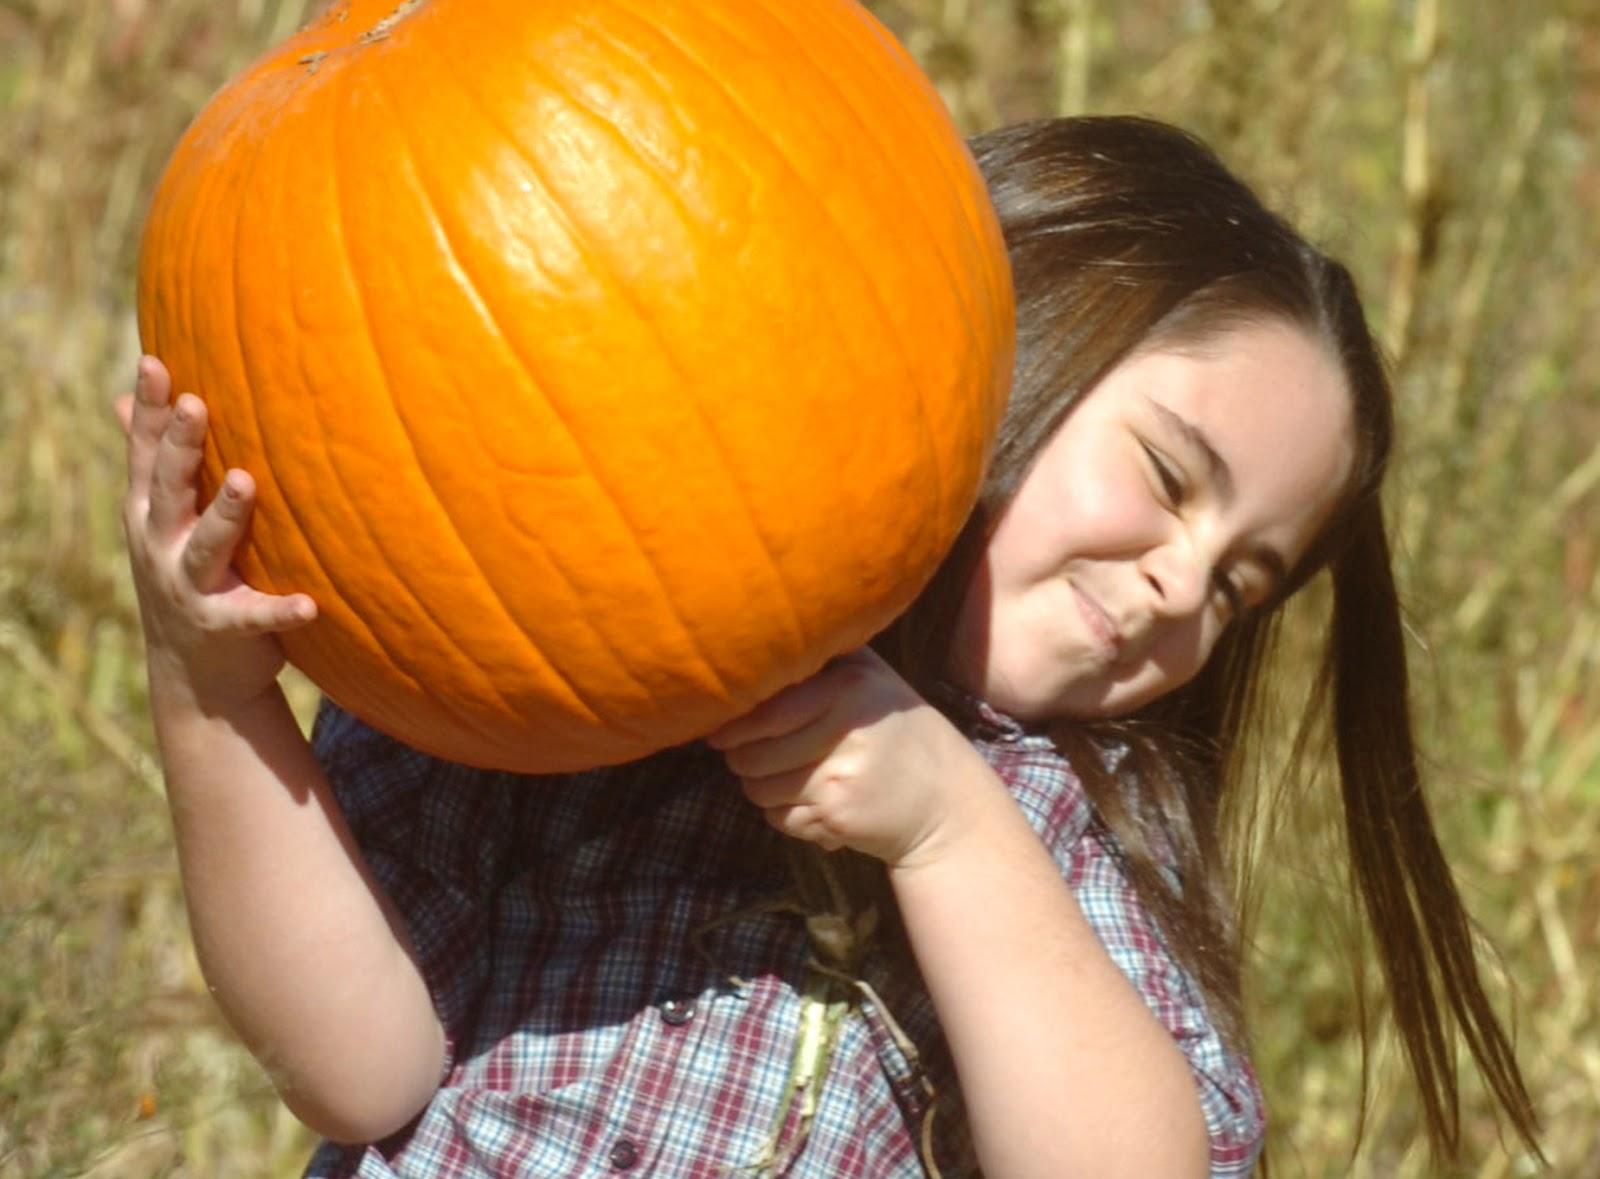 Autumn Lights Picture Autumn Jokes For Children